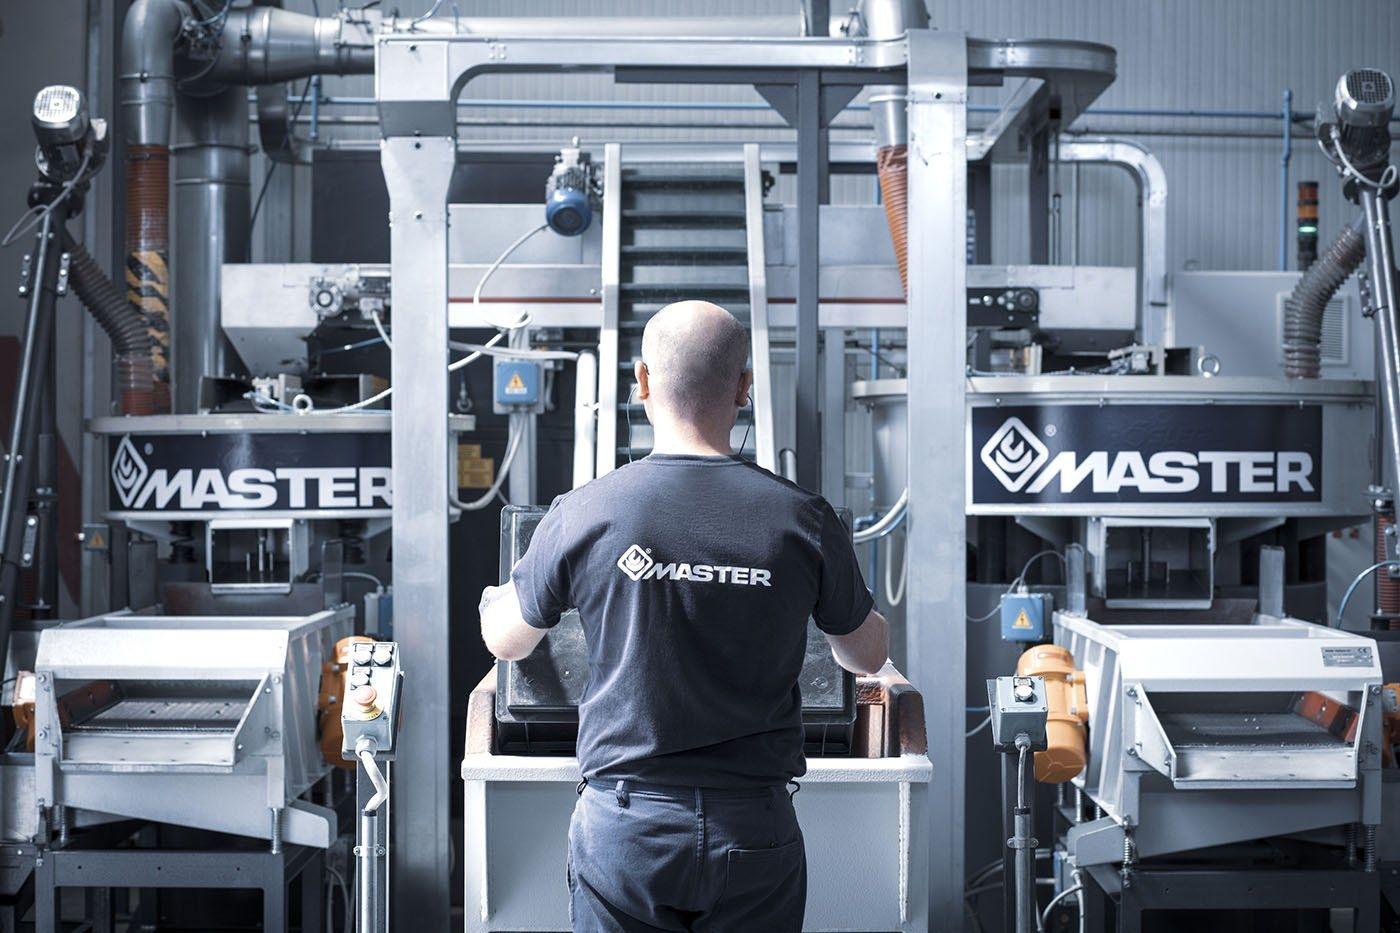 La sfida di Master: serramenti più green e innovativi per le finestre del futuro